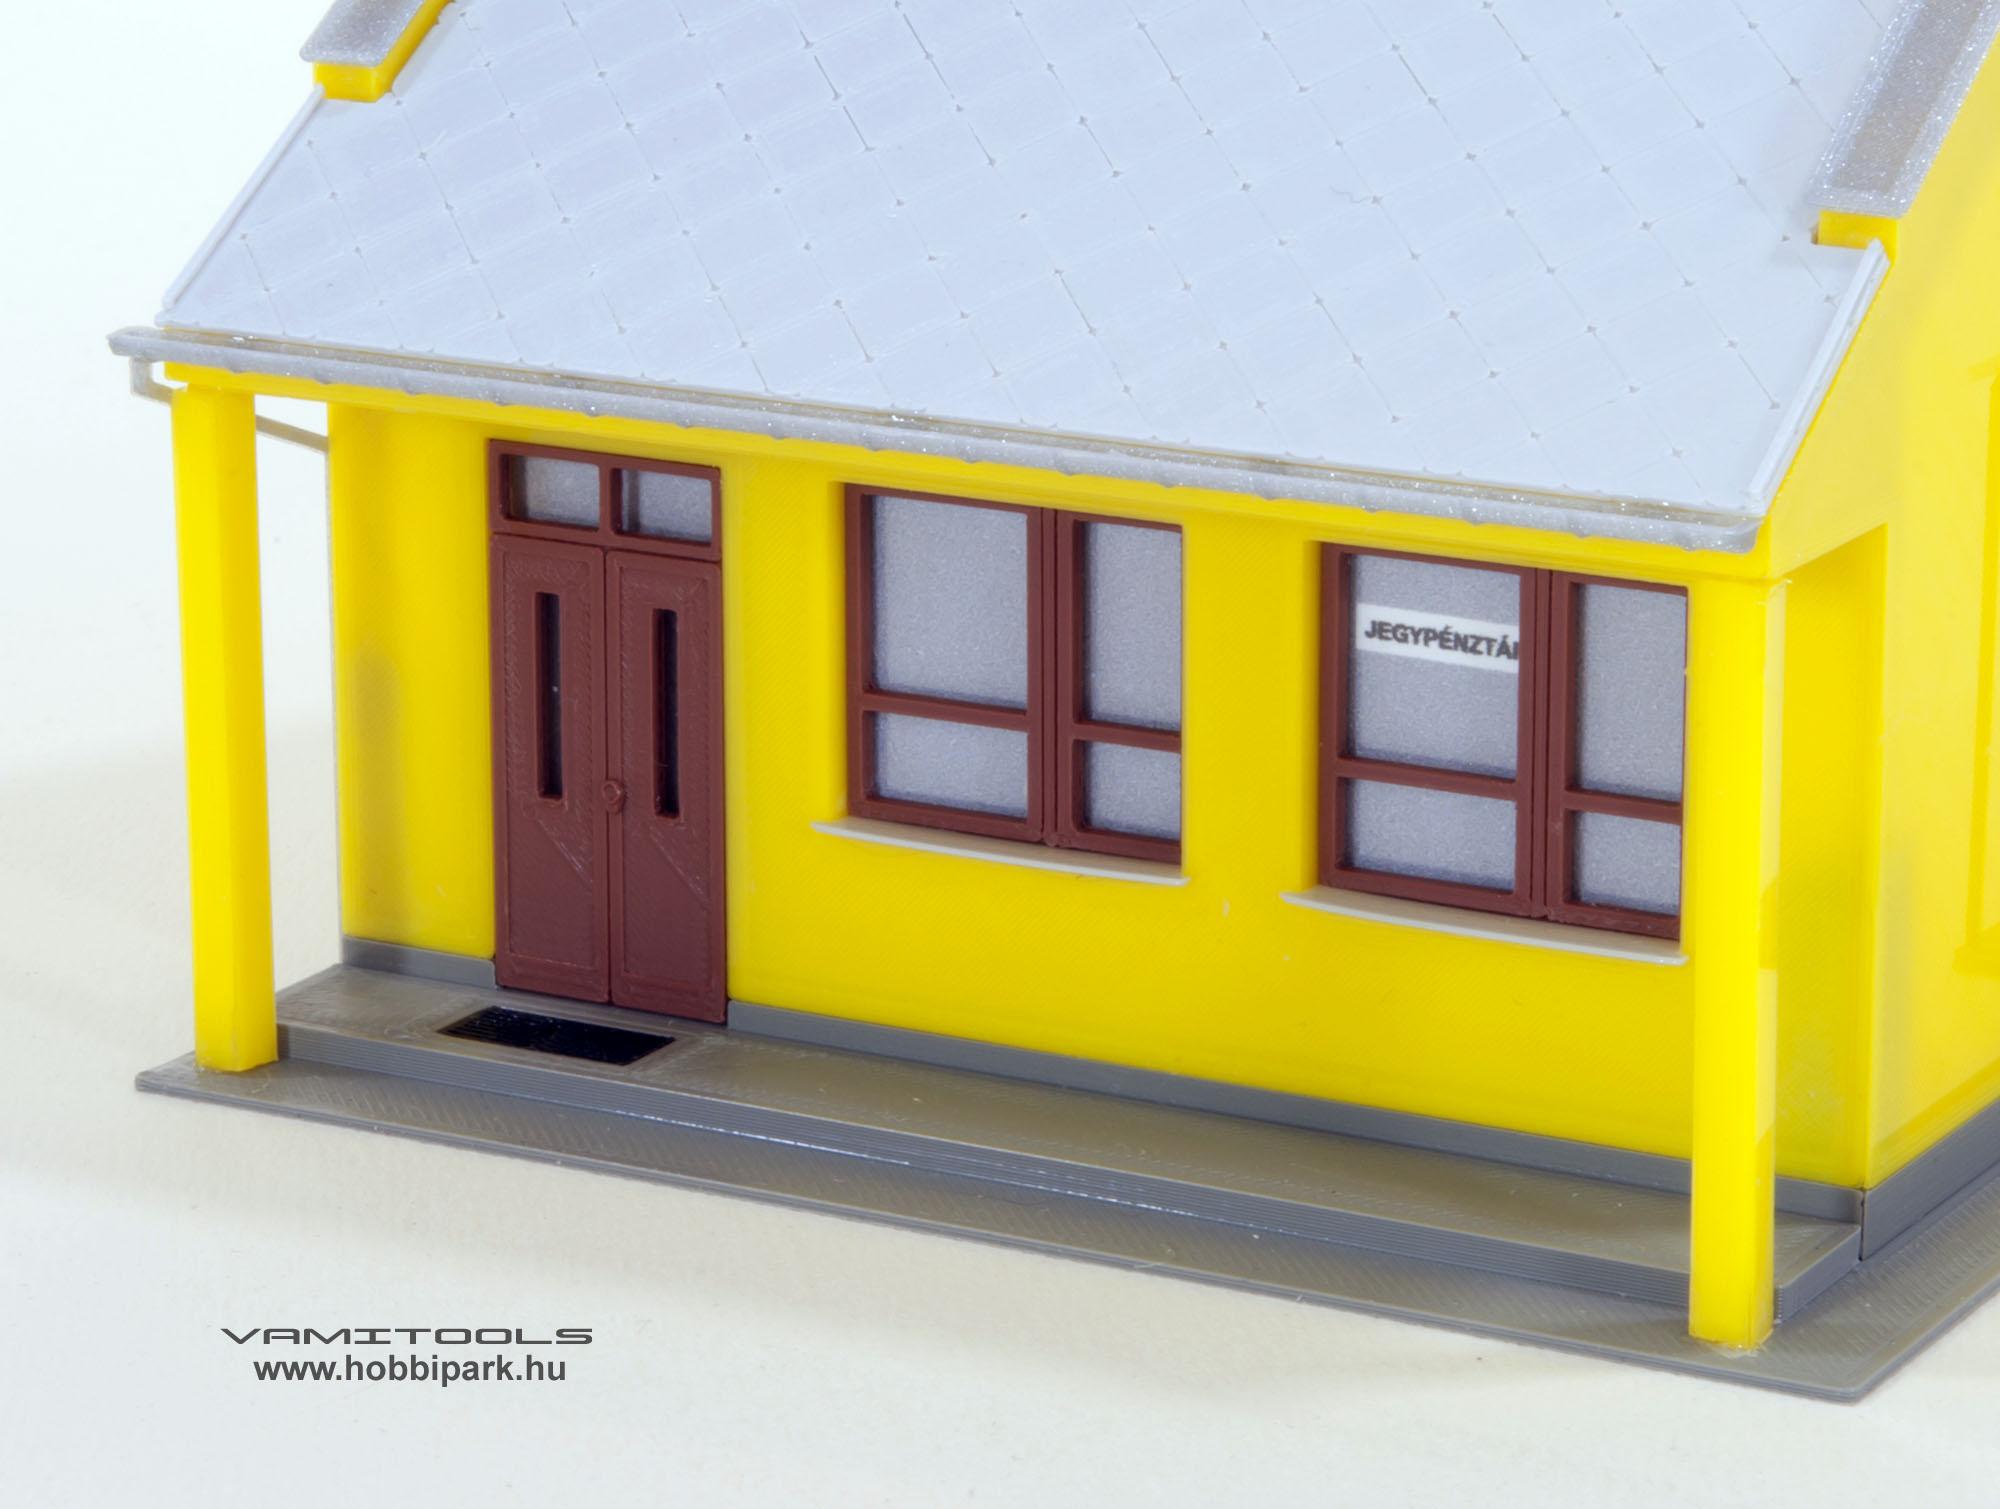 épület, vasútállomás, állomás, állomásépület, modellvasút, vasút, MÁV épület, MÁV vasútállomás, MÁV vasútállomás, MÁV modell állomás, MÁV állomásépület, Kunfehértó, Kunfehértó vasútállomás, Kunfehértó állomás, Kunfehértó épület, Kunfehértó ház, terepasztal, dioráma, H0 épület, H0 vasútállomás, H0 állomás, H0 állomásépület, H0 modellvasút, H0 vasút, H0 MÁV épület, H0 MÁV vasútállomás, H0 MÁV vasútállomás, H0 MÁV modell állomás, H0 MÁV állomásépület, H0 Kunfehértó, H0 Kunfehértó vasútállomás, H0 Kunfehértó állomás, H0 Kunfehértó épület, H0 Kunfehértó ház, H0 terepasztal, H0 dioráma, 1:87 épület, 1:87 vasútállomás, 1:87 állomás, 1:87 állomásépület, 1:87 modellvasút, 1:87 vasút, 1:87 MÁV épület, 1:87 MÁV vasútállomás, 1:87 MÁV vasútállomás, 1:87 MÁV modell állomás, 1:87 MÁV állomásépület, 1:87 Kunfehértó, 1:87 Kunfehértó vasútállomás, 1:87 Kunfehértó állomás, 1:87 Kunfehértó épület, 1:87 Kunfehértó ház, 1:87 terepasztal, 1:87 dioráma, TT épület, TT vasútállomás, TT állomás, TT állomásépület, TT modellvasút, TT vasút, TT MÁV épület, TT MÁV vasútállomás, TT MÁV vasútállomás, TT MÁV modell állomás, TT MÁV állomásépület, TT Kunfehértó, TT Kunfehértó vasútállomás, TT Kunfehértó állomás, TT Kunfehértó épület, TT Kunfehértó ház, TT terepasztal, TT dioráma, 1:120 épület, 1:120 vasútállomás, 1:120 állomás, 1:120 állomásépület, 1:120 modellvasút, 1:120 vasút, 1:120 MÁV épület, 1:120 MÁV vasútállomás, 1:120 MÁV vasútállomás, 1:120 MÁV modell állomás, 1:120 MÁV állomásépület, 1:120 Kunfehértó, 1:120 Kunfehértó vasútállomás, 1:120 Kunfehértó állomás, 1:120 Kunfehértó épület, 1:120 Kunfehértó ház, 1:120 terepasztal, 1:120 dioráma, N épület, N vasútállomás, N állomás, N állomásépület, N modellvasút, N vasút, N MÁV épület, N MÁV vasútállomás, N MÁV vasútállomás, N MÁV modell állomás, N MÁV állomásépület, N Kunfehértó, N Kunfehértó vasútállomás, N Kunfehértó állomás, N Kunfehértó épület, N Kunfehértó ház, N terepasztal, N dioráma, 1:160 épület, 1:160 vasútállomás, 1:160 állomás, 1:160 á